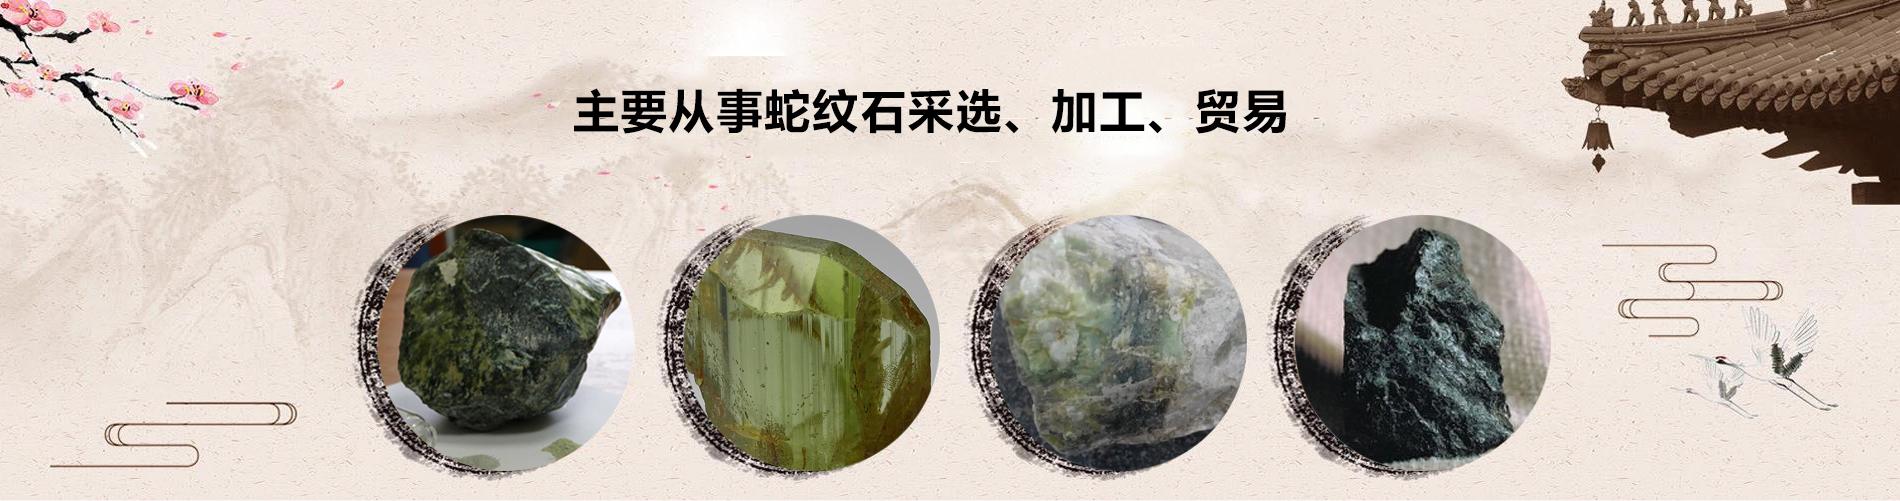 连云港蛇纹石厂家